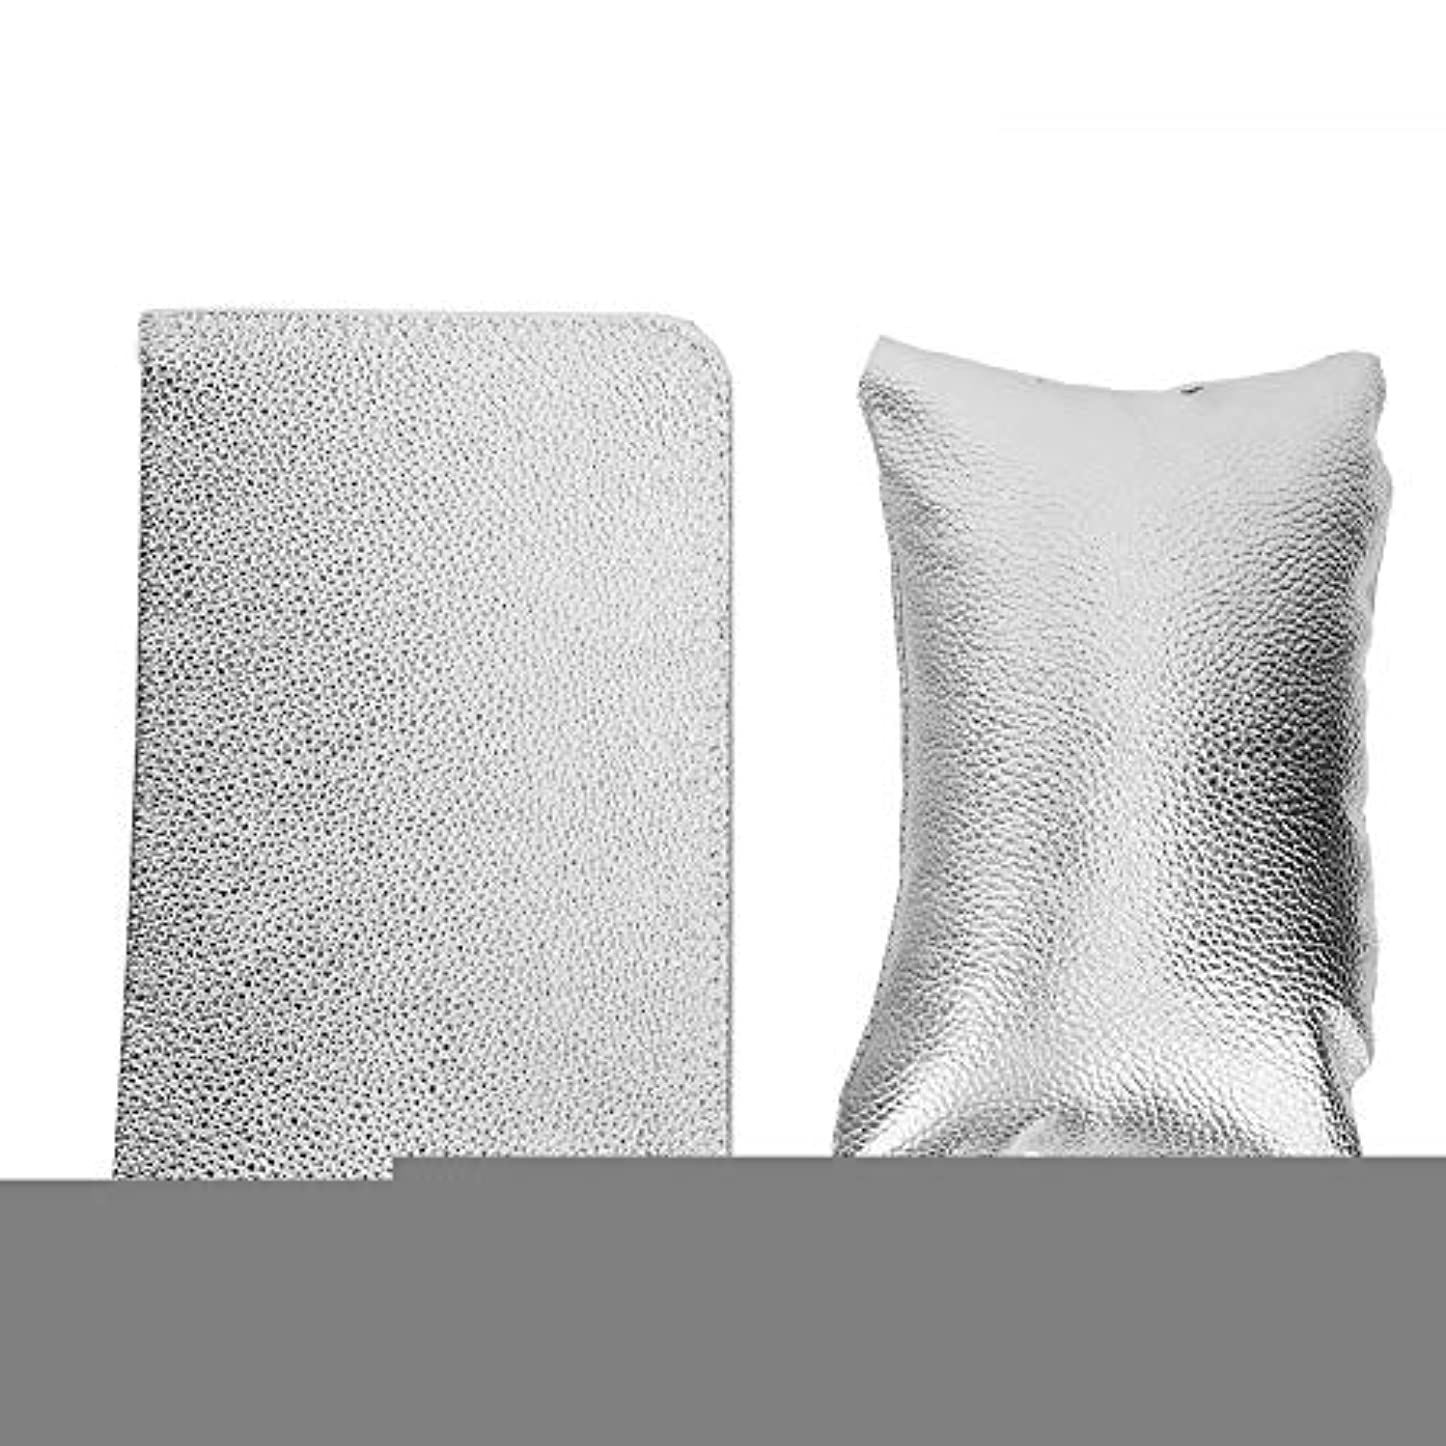 ダイバー依存するどうしたのネイルマット ハート柄 手の枕 マニキュアツール ネイルアートハンドピローパッドセット ハンドアームレストホルダークッション折りたたみ式テーブルマット(02)